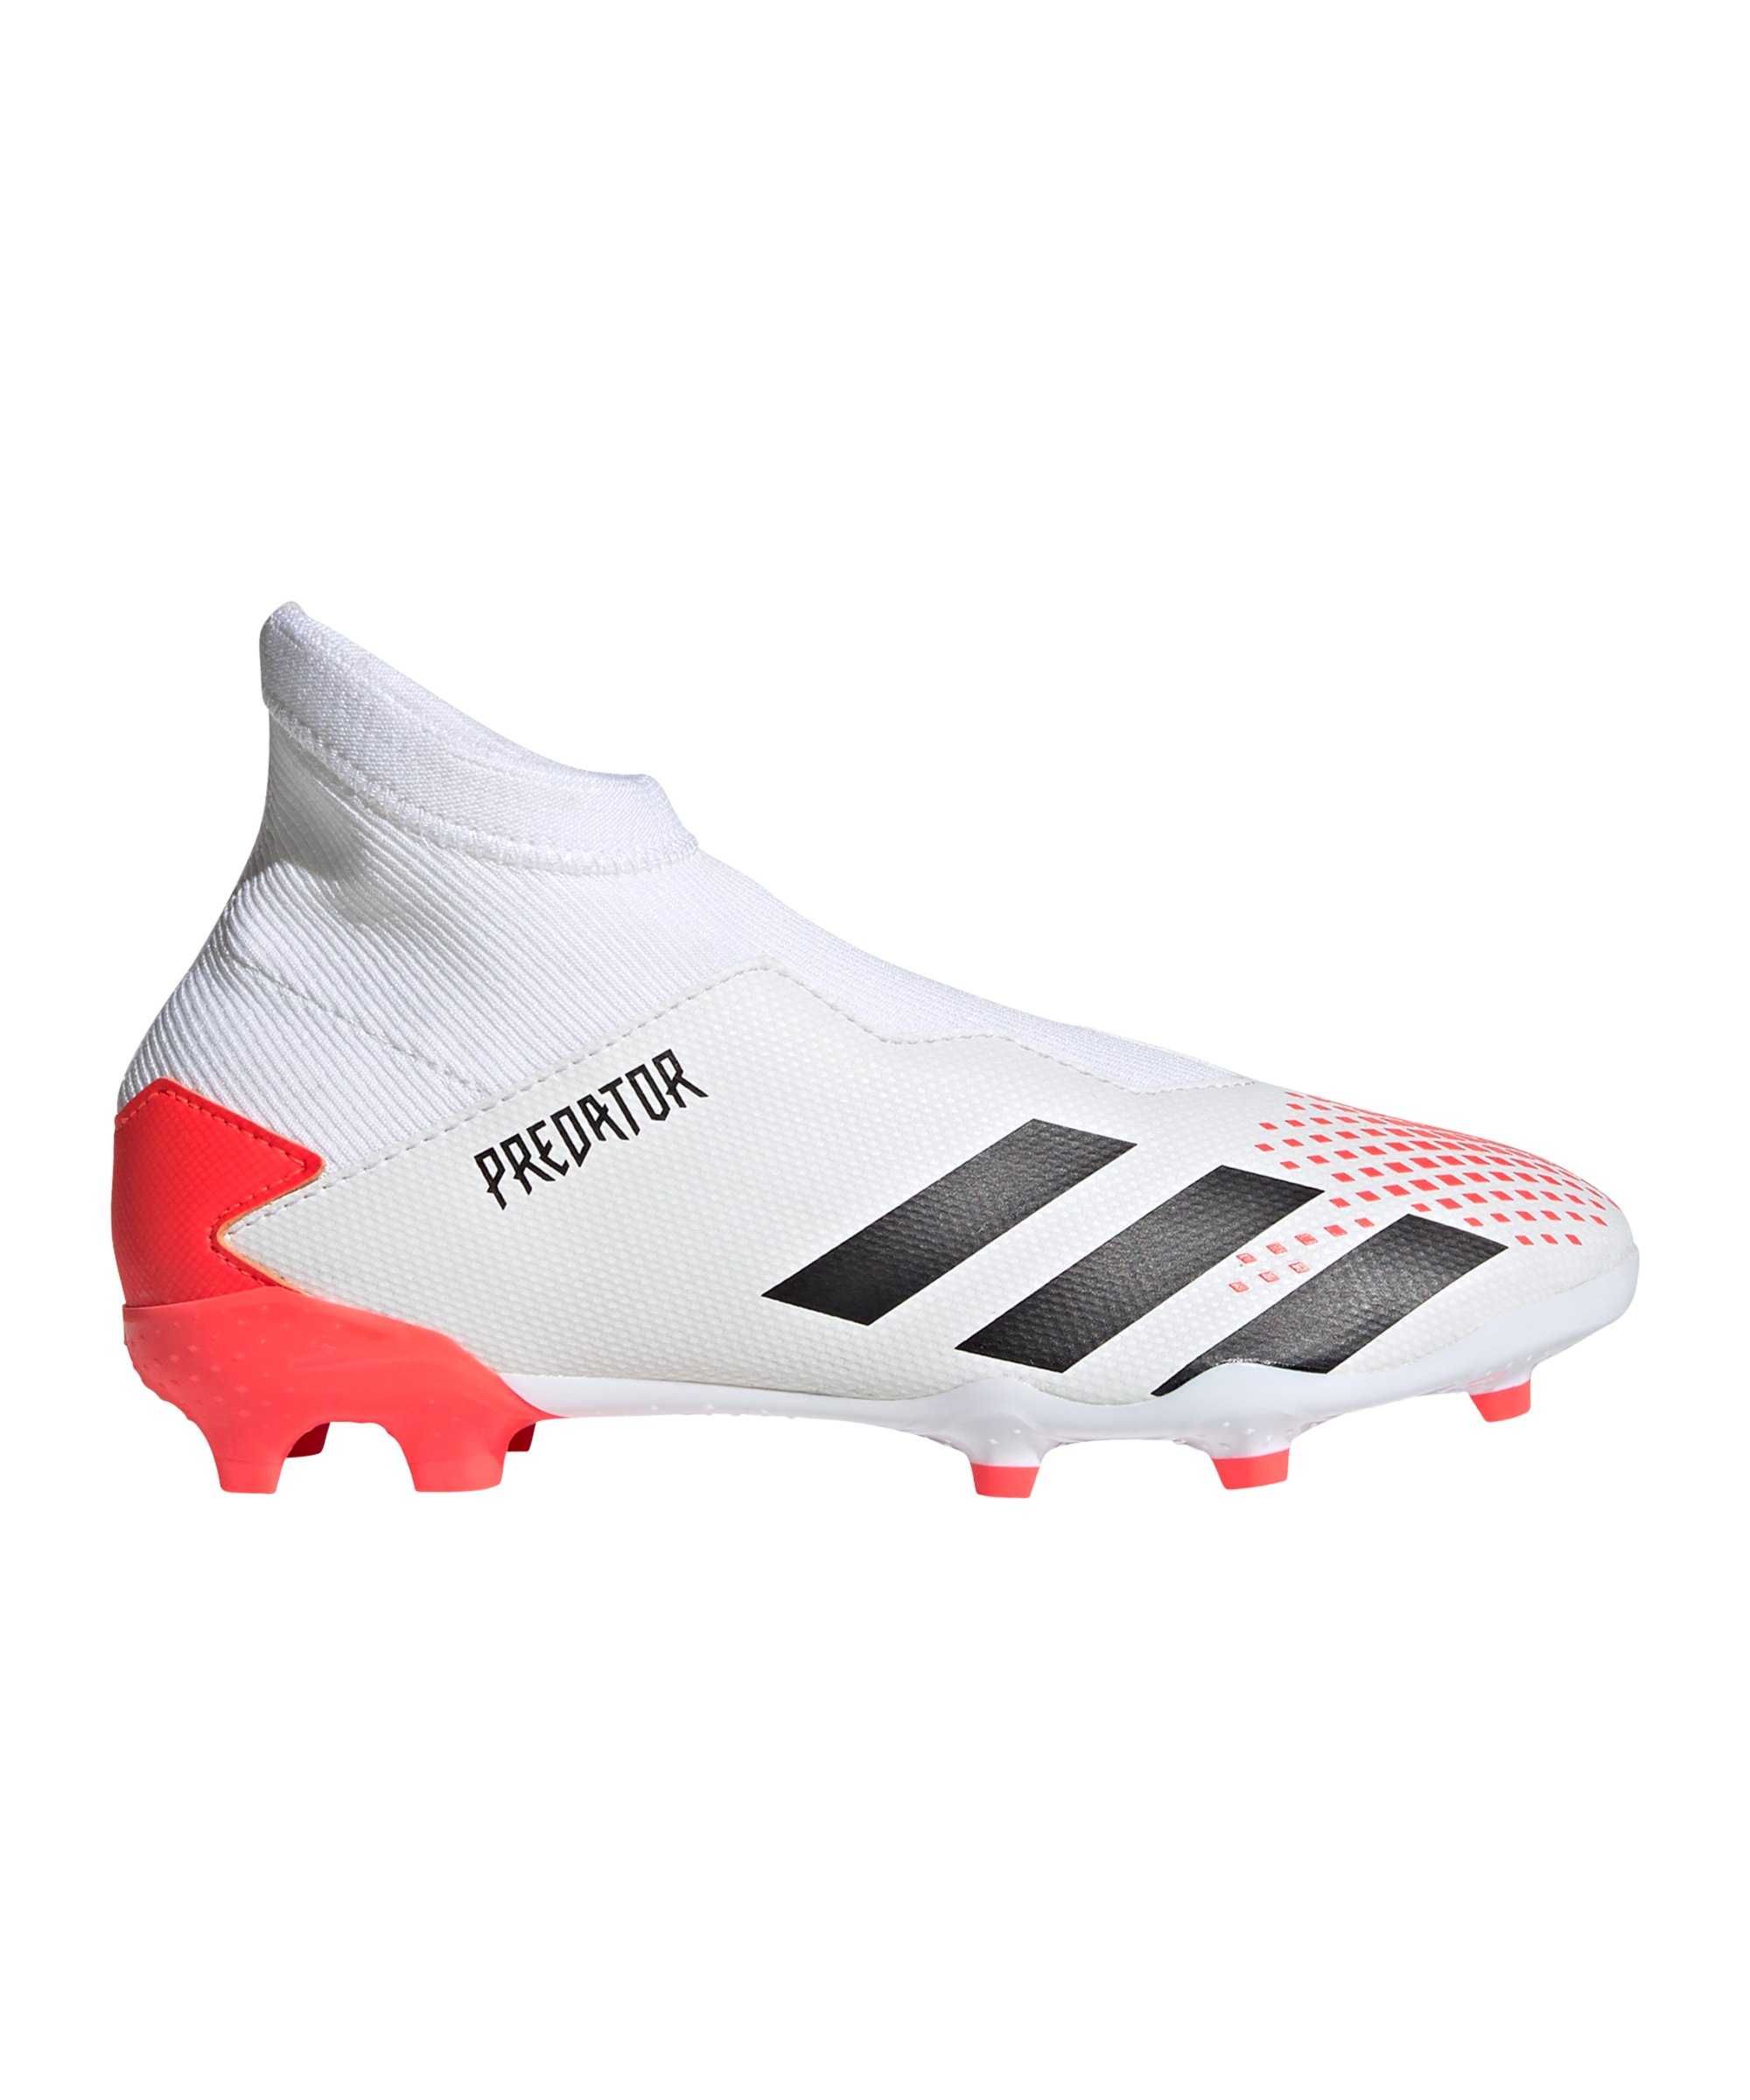 adidas Predator Uniforia 20.3 LL FG J Kids Weiss Rot - weiss